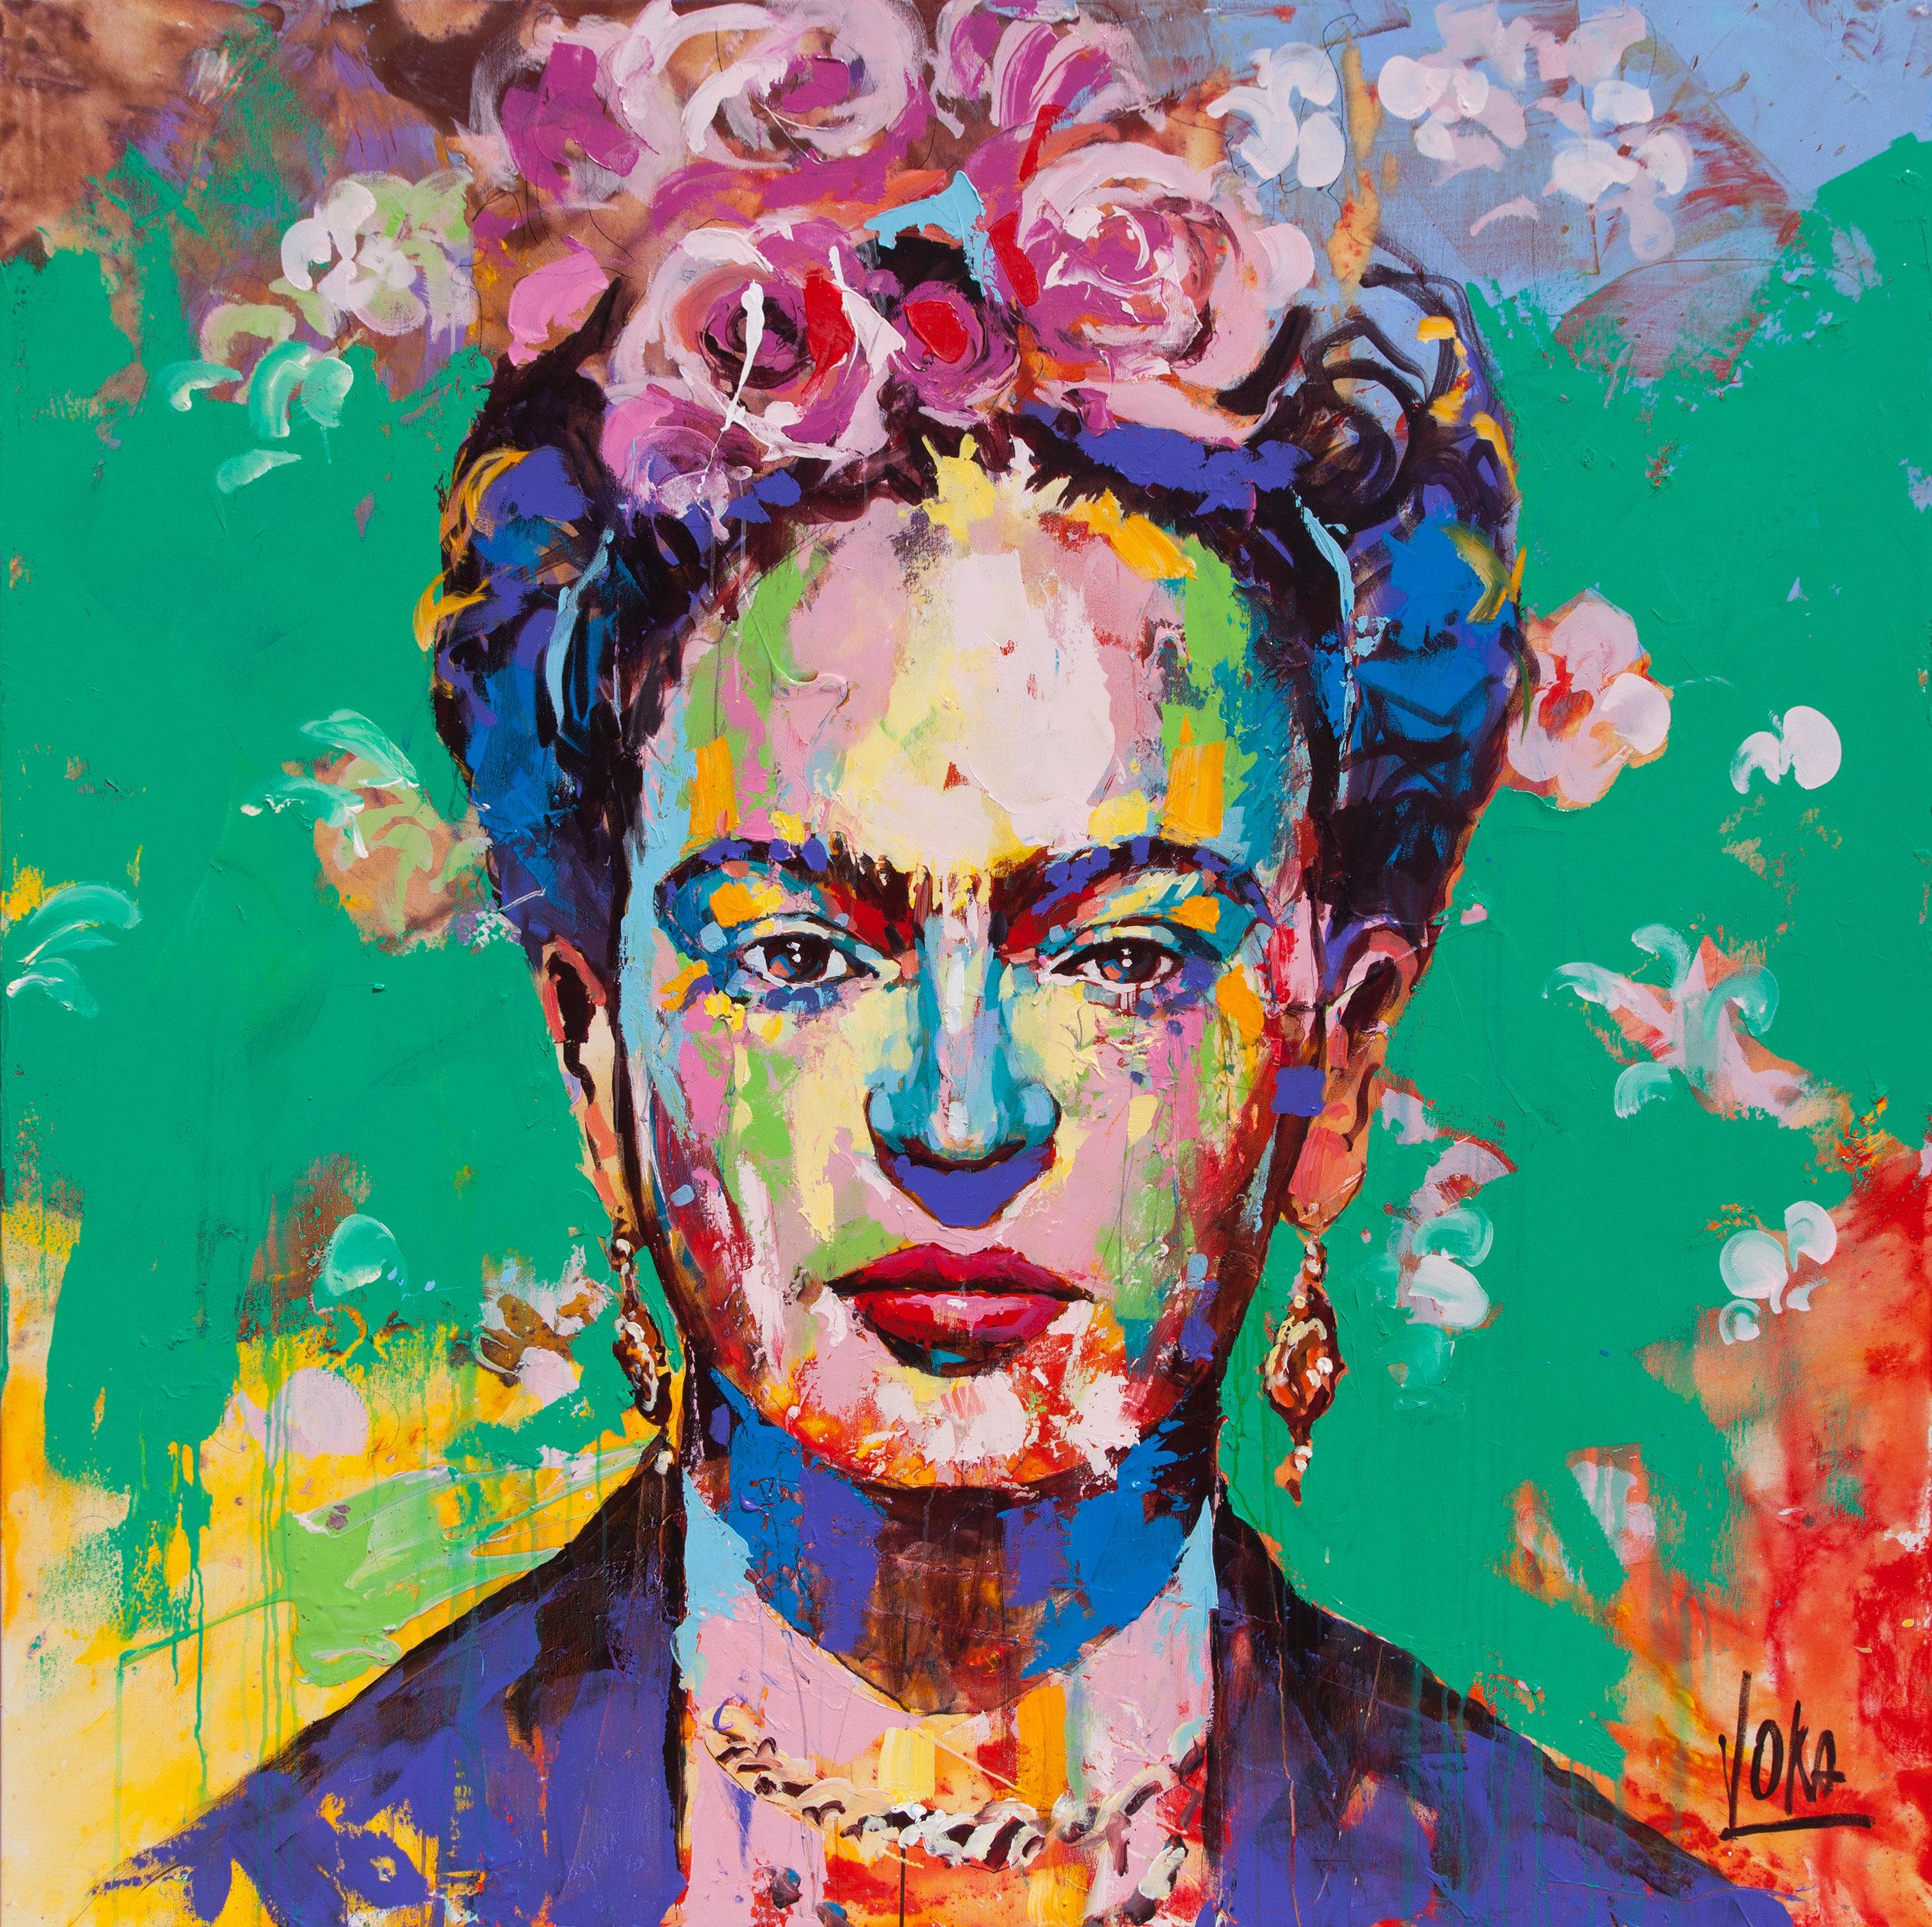 Frida, 170x170 cm/66,9x66,9 inch, Acrylic on Canvas